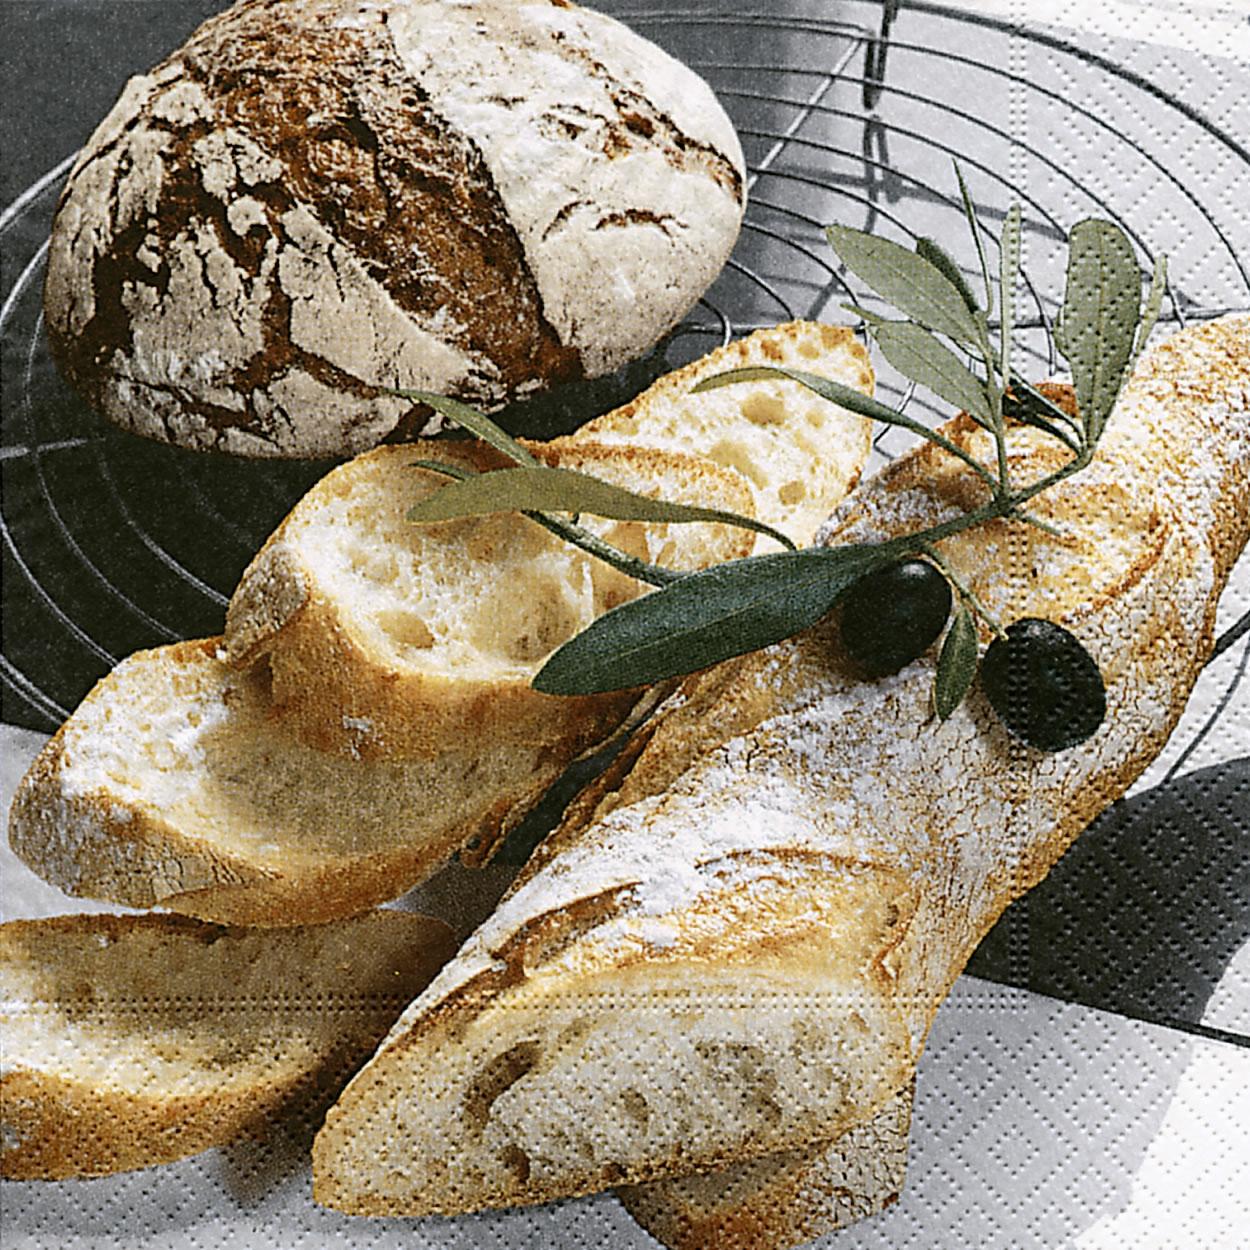 20 Servietten - 33 x 33 cm ,  Früchte - Oliven,  Essen - Brot / Brötchen,  Everyday,  lunchservietten,  Oliven,  Brot